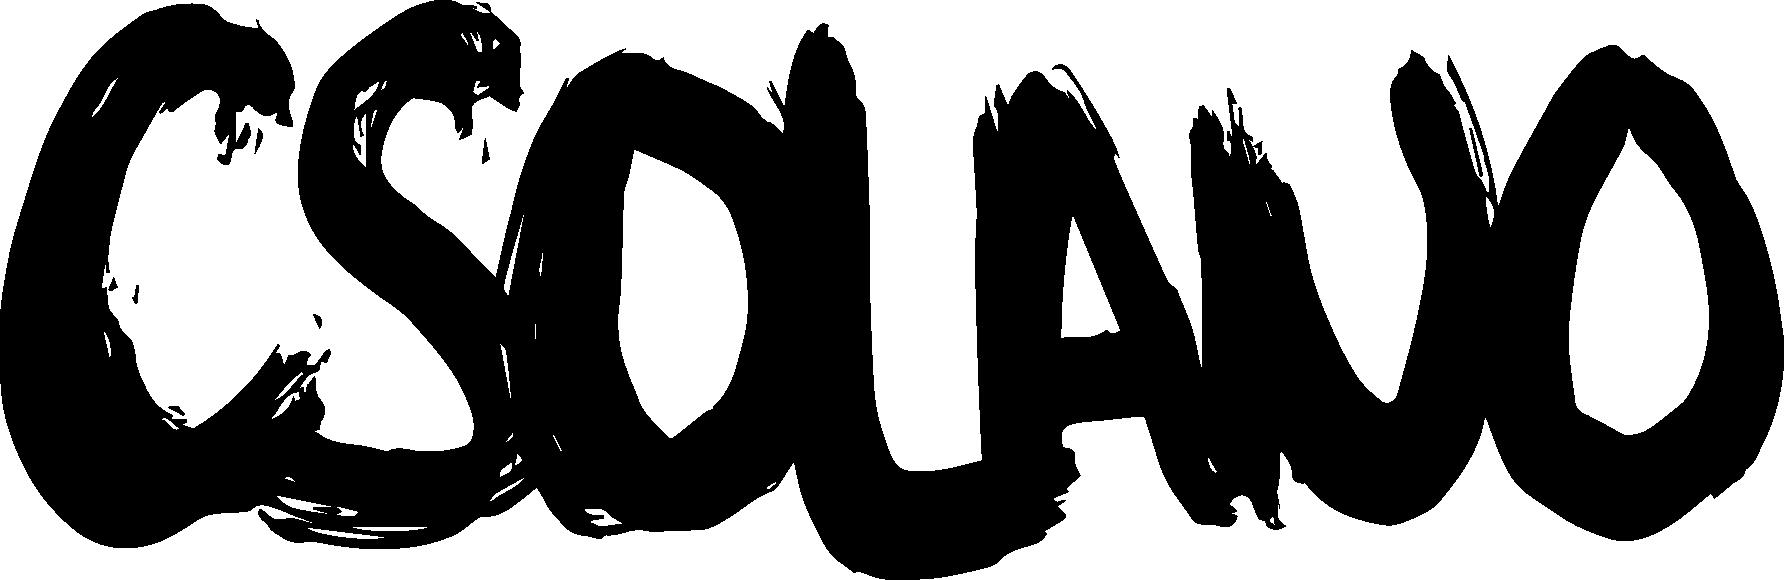 CSOLANO